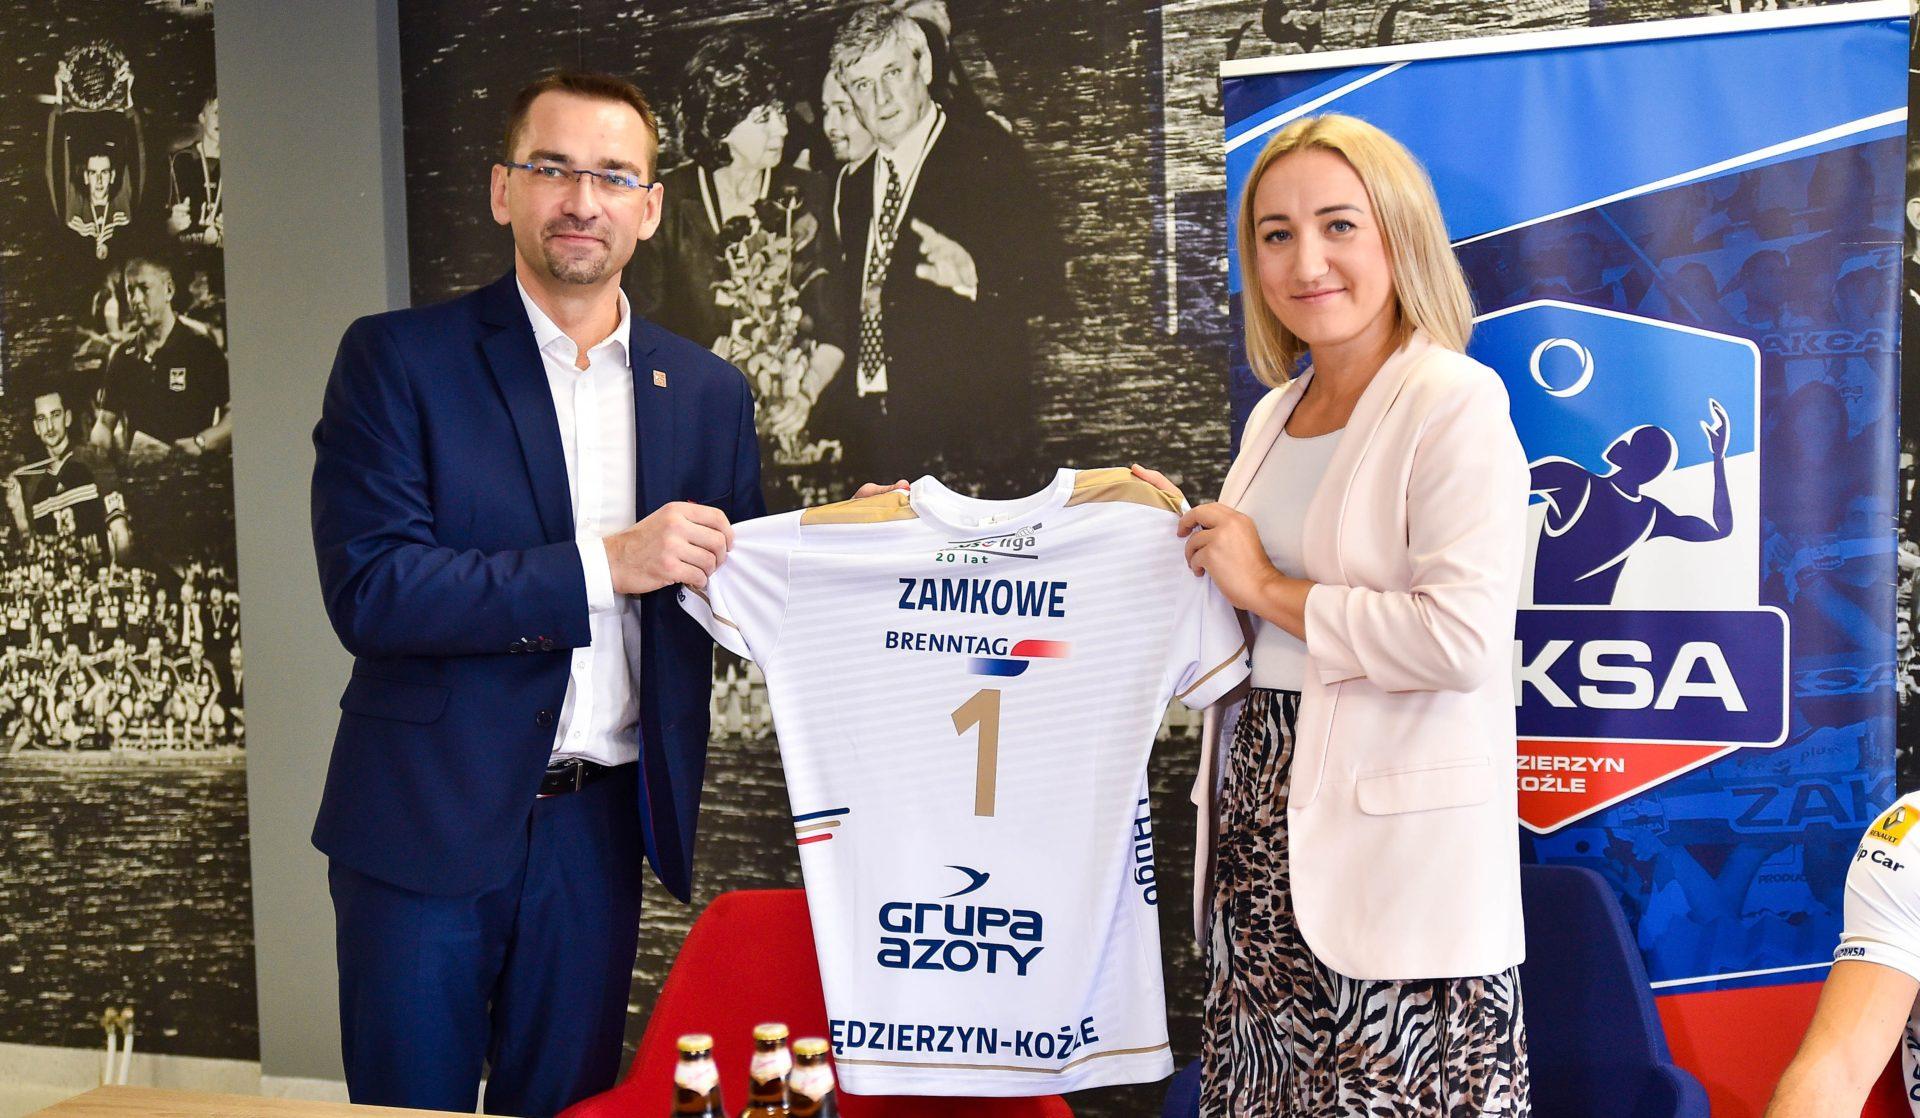 """Regionalne piwo """"Zamkowe"""" nowym sponsorem Grupy Azoty ZAKSA Kędzierzyn-Koźle"""